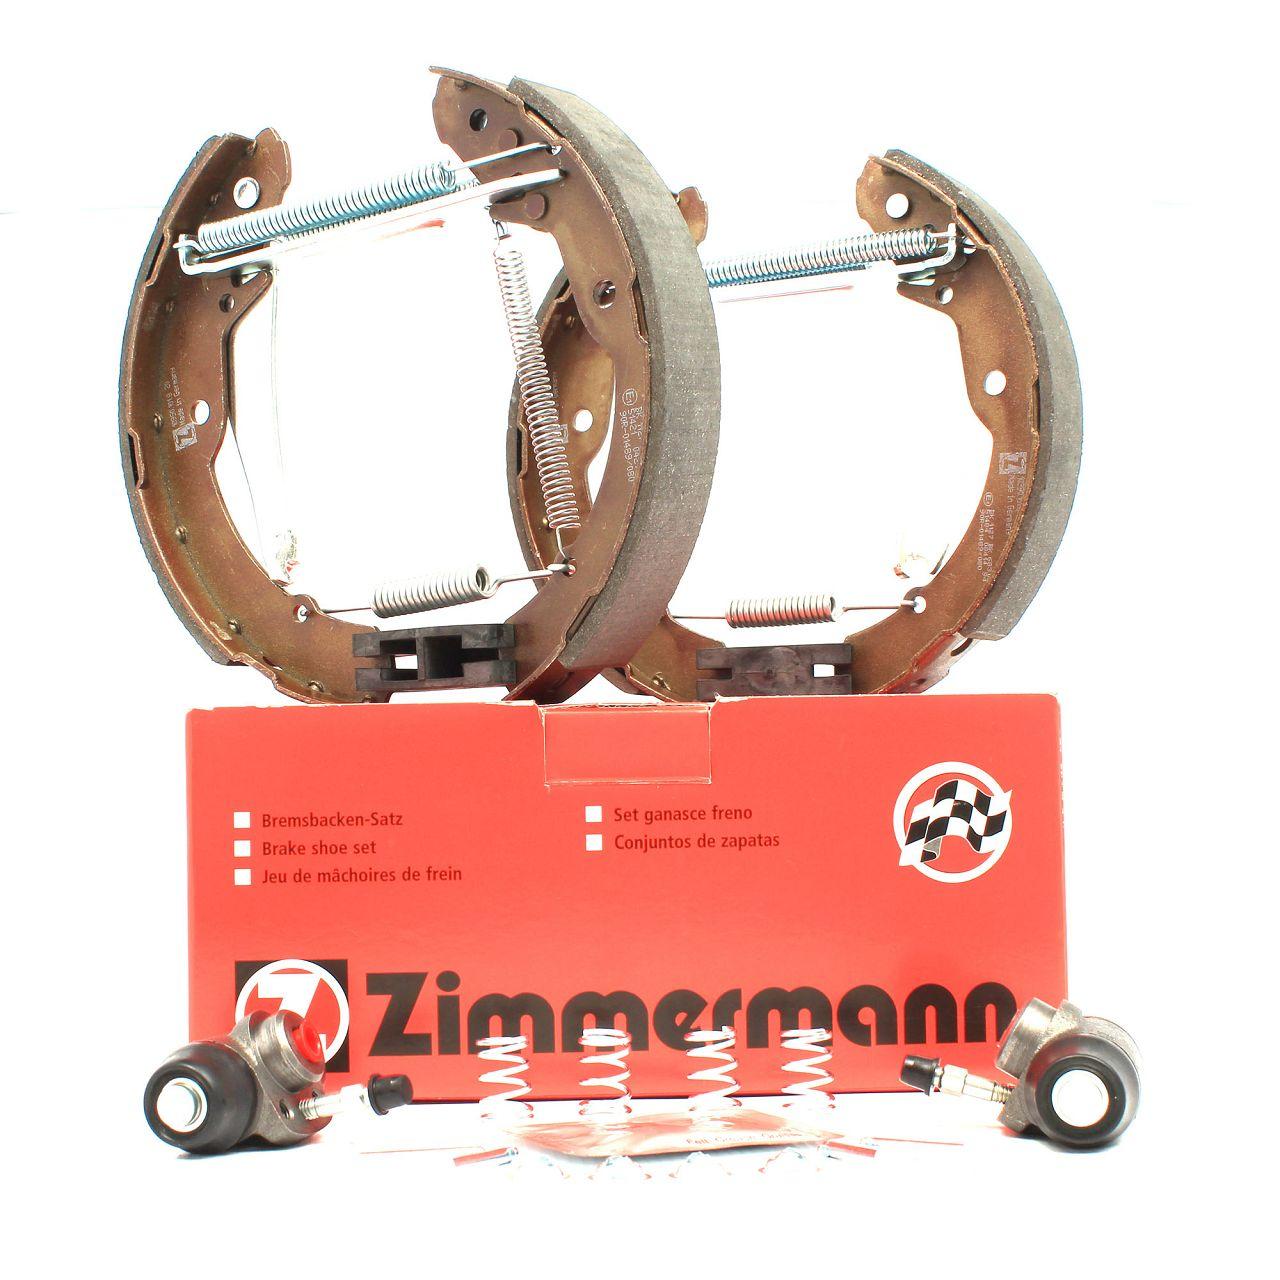 ZIMMERMANN Bremsbacken + Radbremszylinder Satz SKODA Octavia 2 (1U) Roomster (5J)